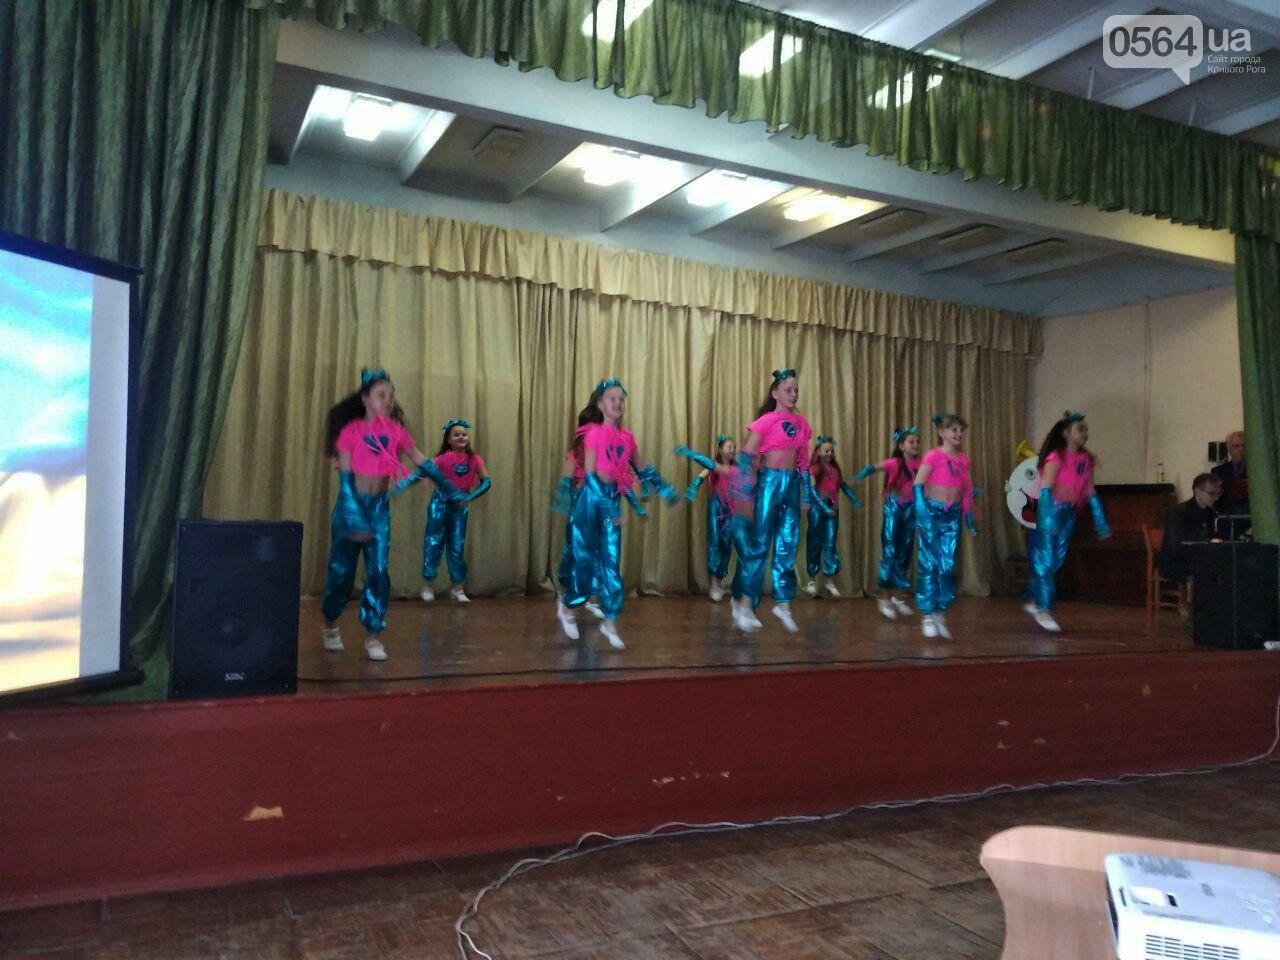 Криворожские школьники провели благотворительный концерт в поддержку бойцов АТО (ФОТО), фото-26